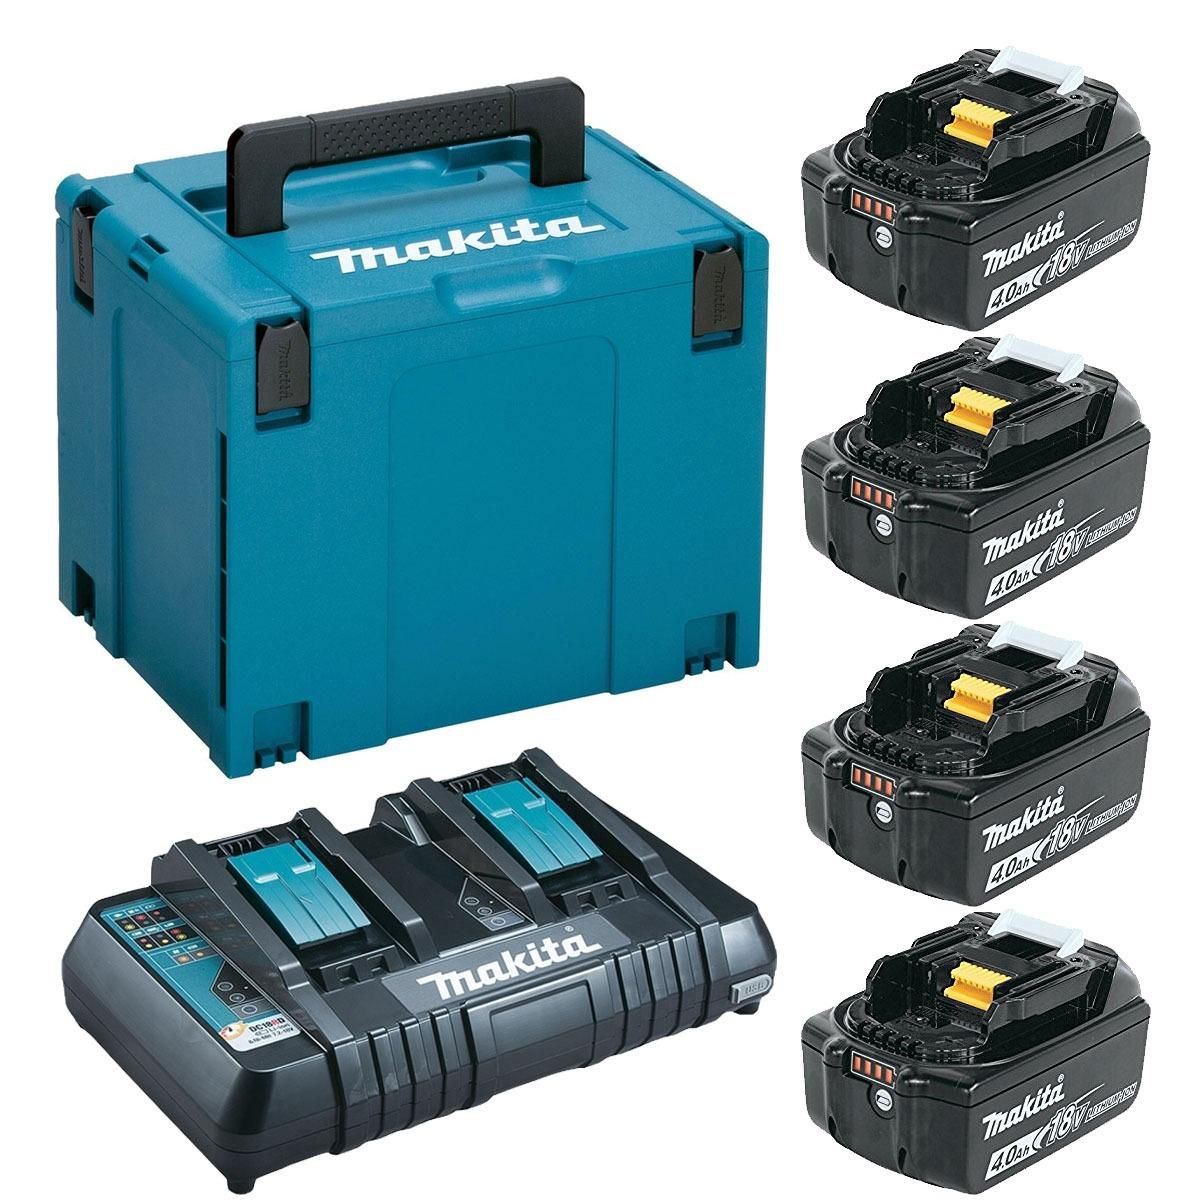 Multifuncional a Bateria DUX60ZM Kit Energia 4 baterias 5.AH + Carregador 220v - Não Acompanha as Hastes